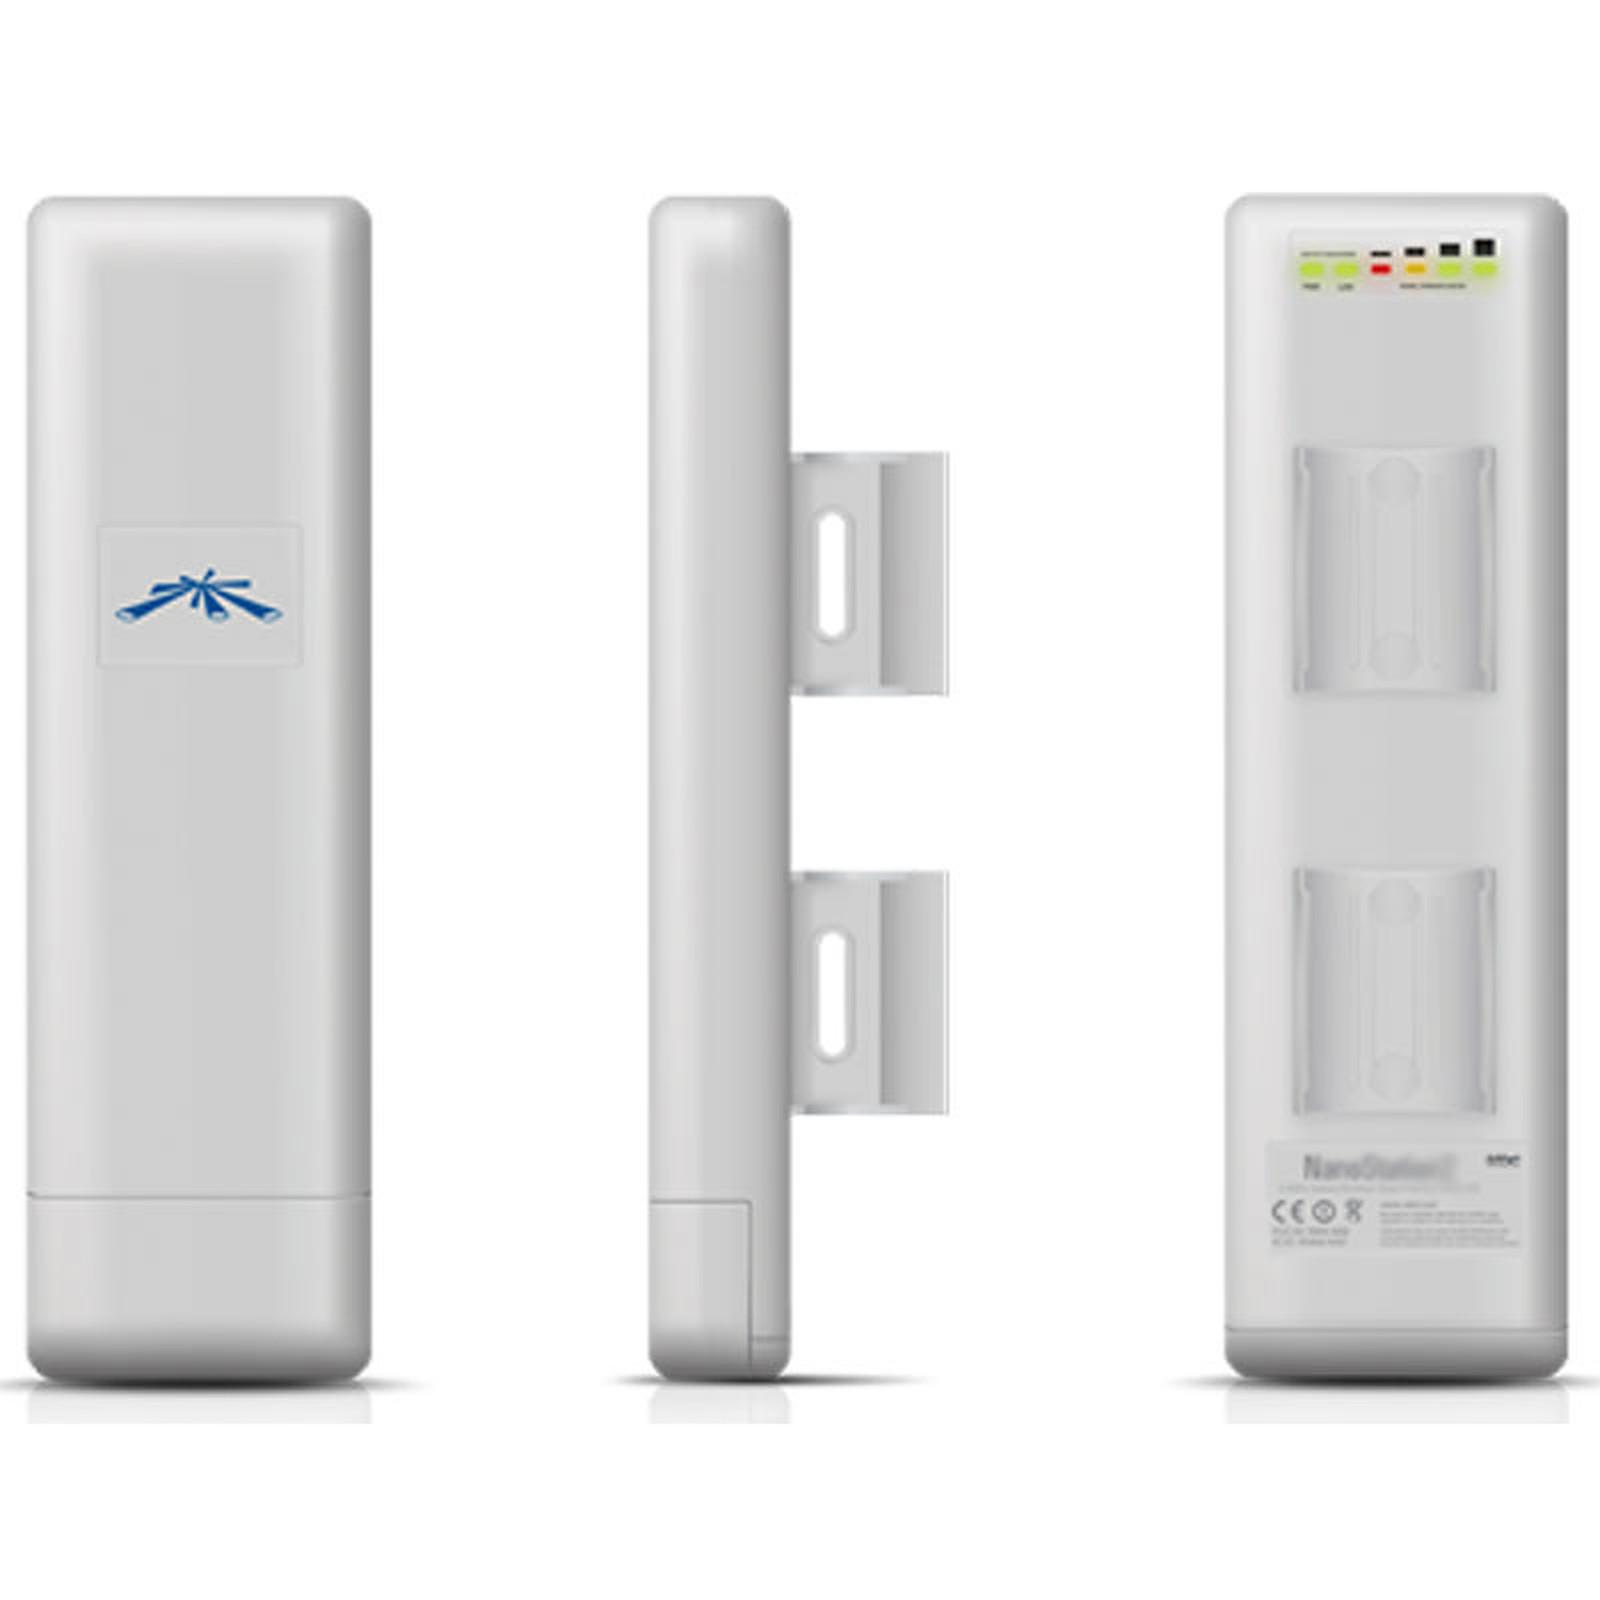 Ubiquiti AirMax NanoStation M5